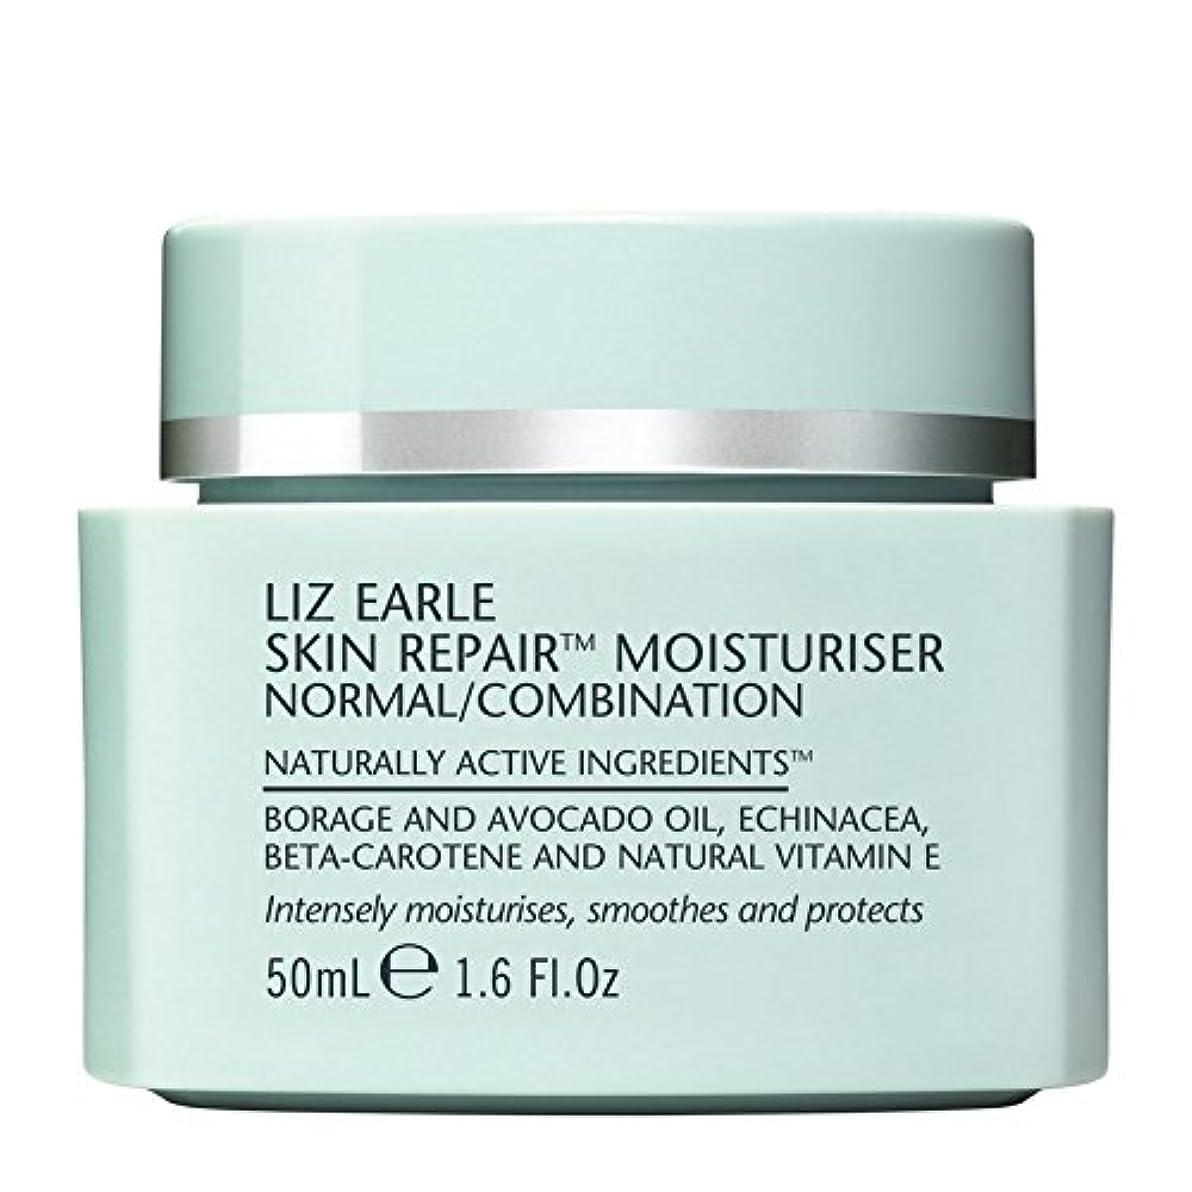 フットボール慰め本能リズアールスキンリペアモイスチャライザーノーマル/コンビネーション50ミリリットル x4 - Liz Earle Skin Repair Moisturiser Normal/Combination 50ml (Pack...